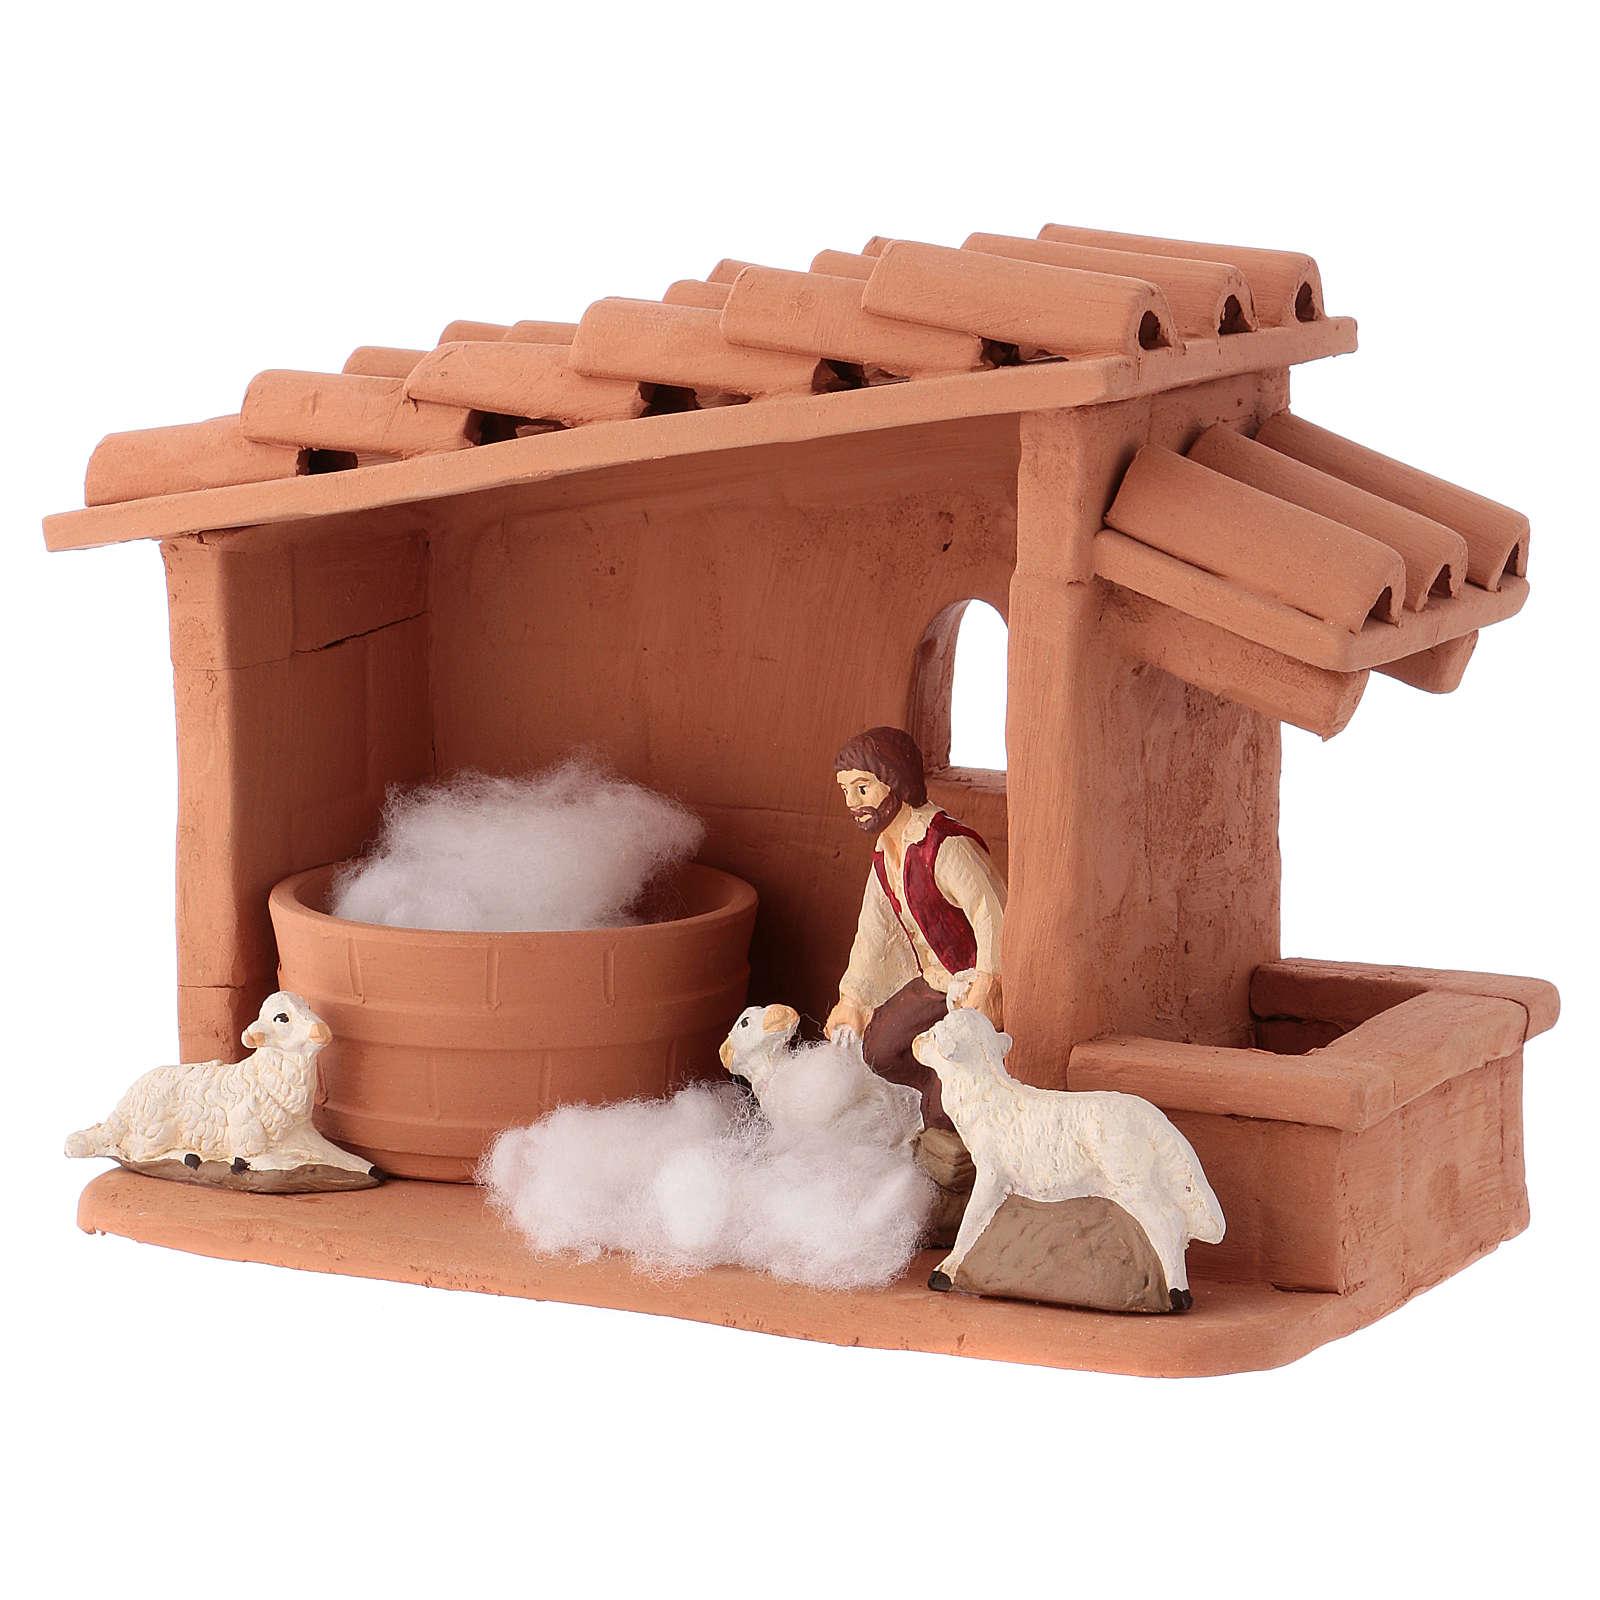 Tondeur mouton terre cuite Deruta peinte crèche 10 cm 4